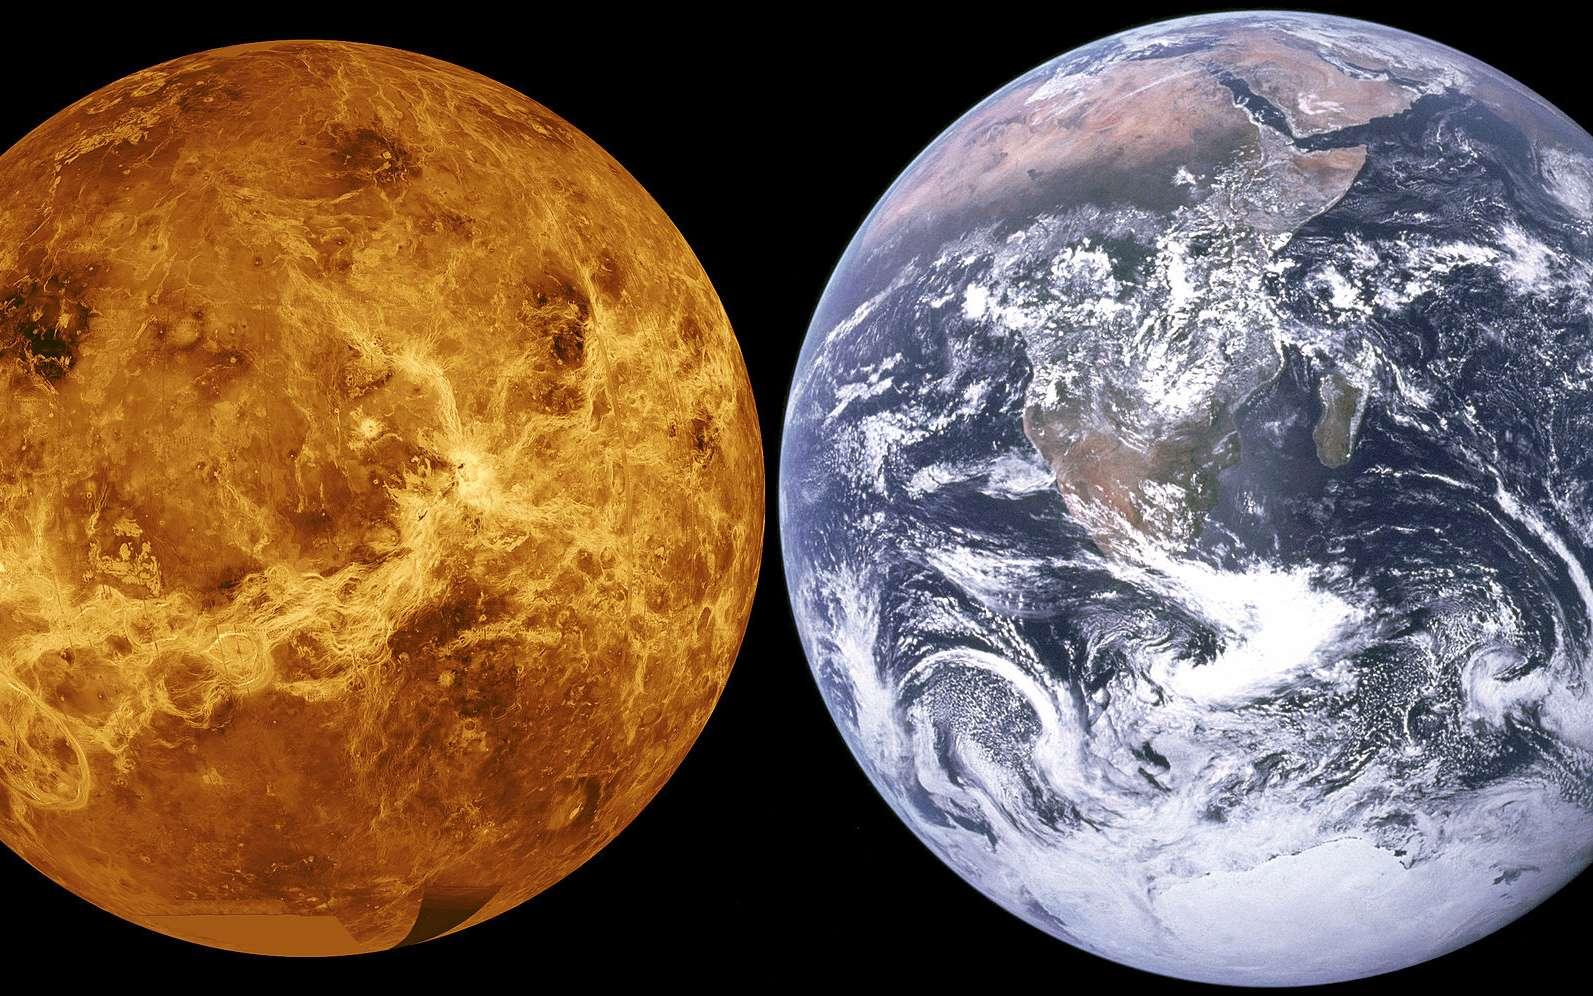 À gauche, une image de la surface de Vénus, en fausses couleurs, reconstituée à l'aide d'ordinateurs et des données prises avec le radar de la sonde Magellan. À droite une image de la Terre prise par les astronautes d'Apollo 17. Les deux planètes sont de tailles et de masses comparables, et pourtant l'une est un enfer tandis que l'autre regorge de vie et d'eau liquide. © Nasa